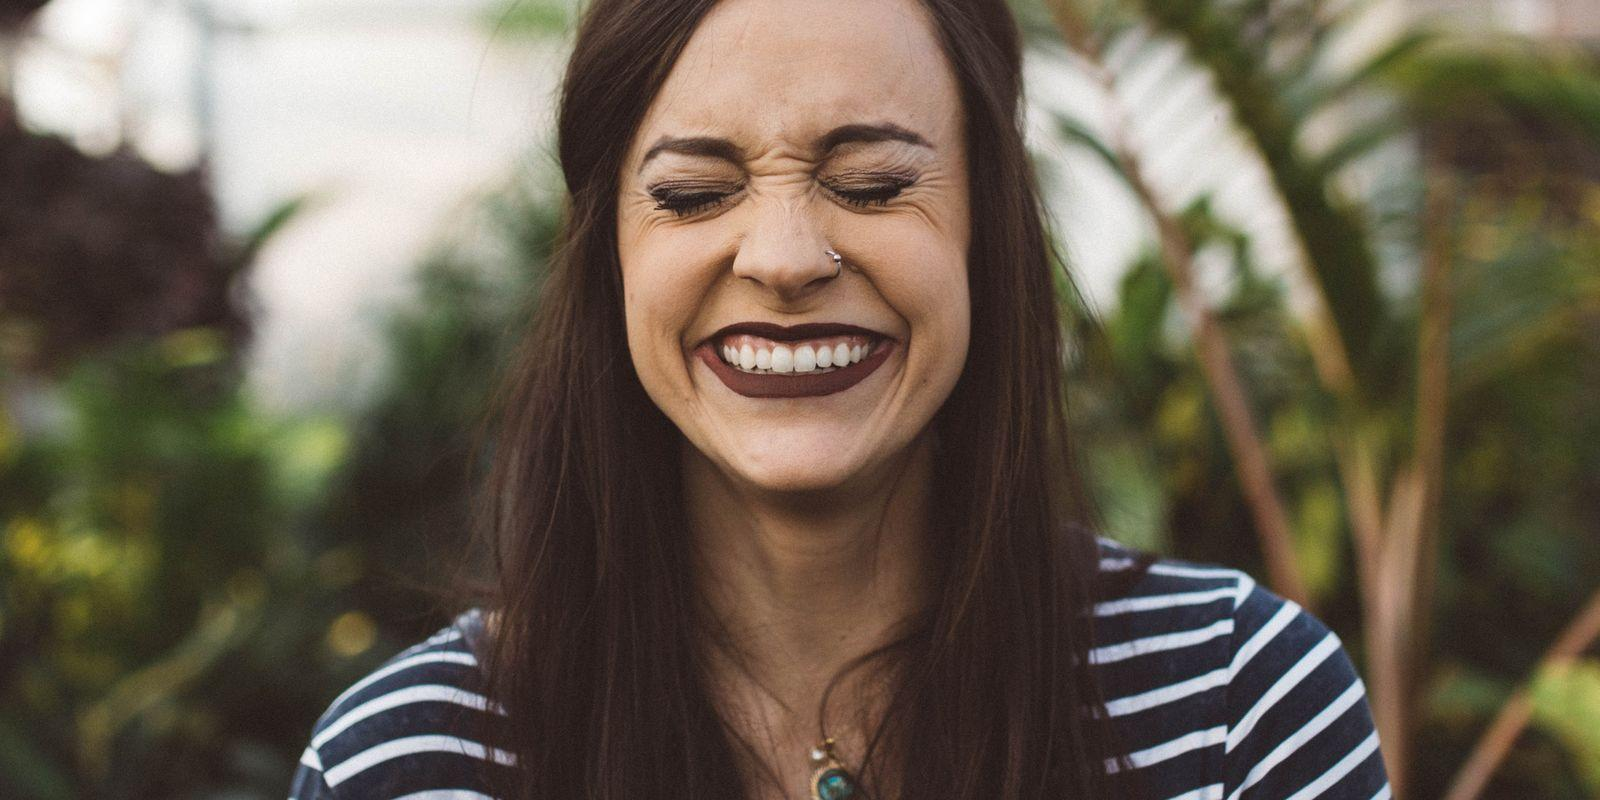 Zuby jsou odrazem našeho způsobu života